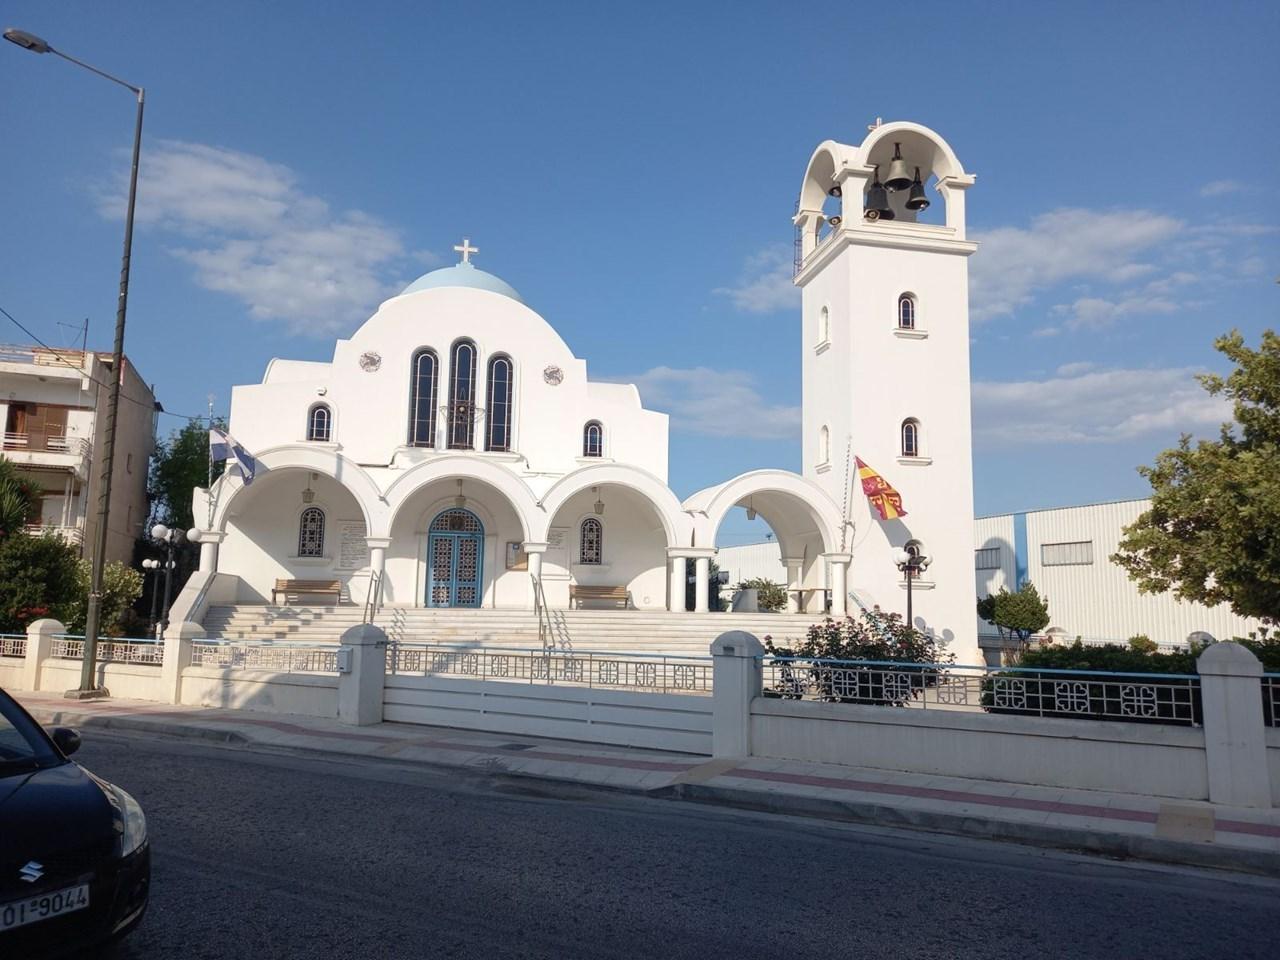 Ο ναός του Αγίου Γεωργίου στο Βέλο Κορινθίας